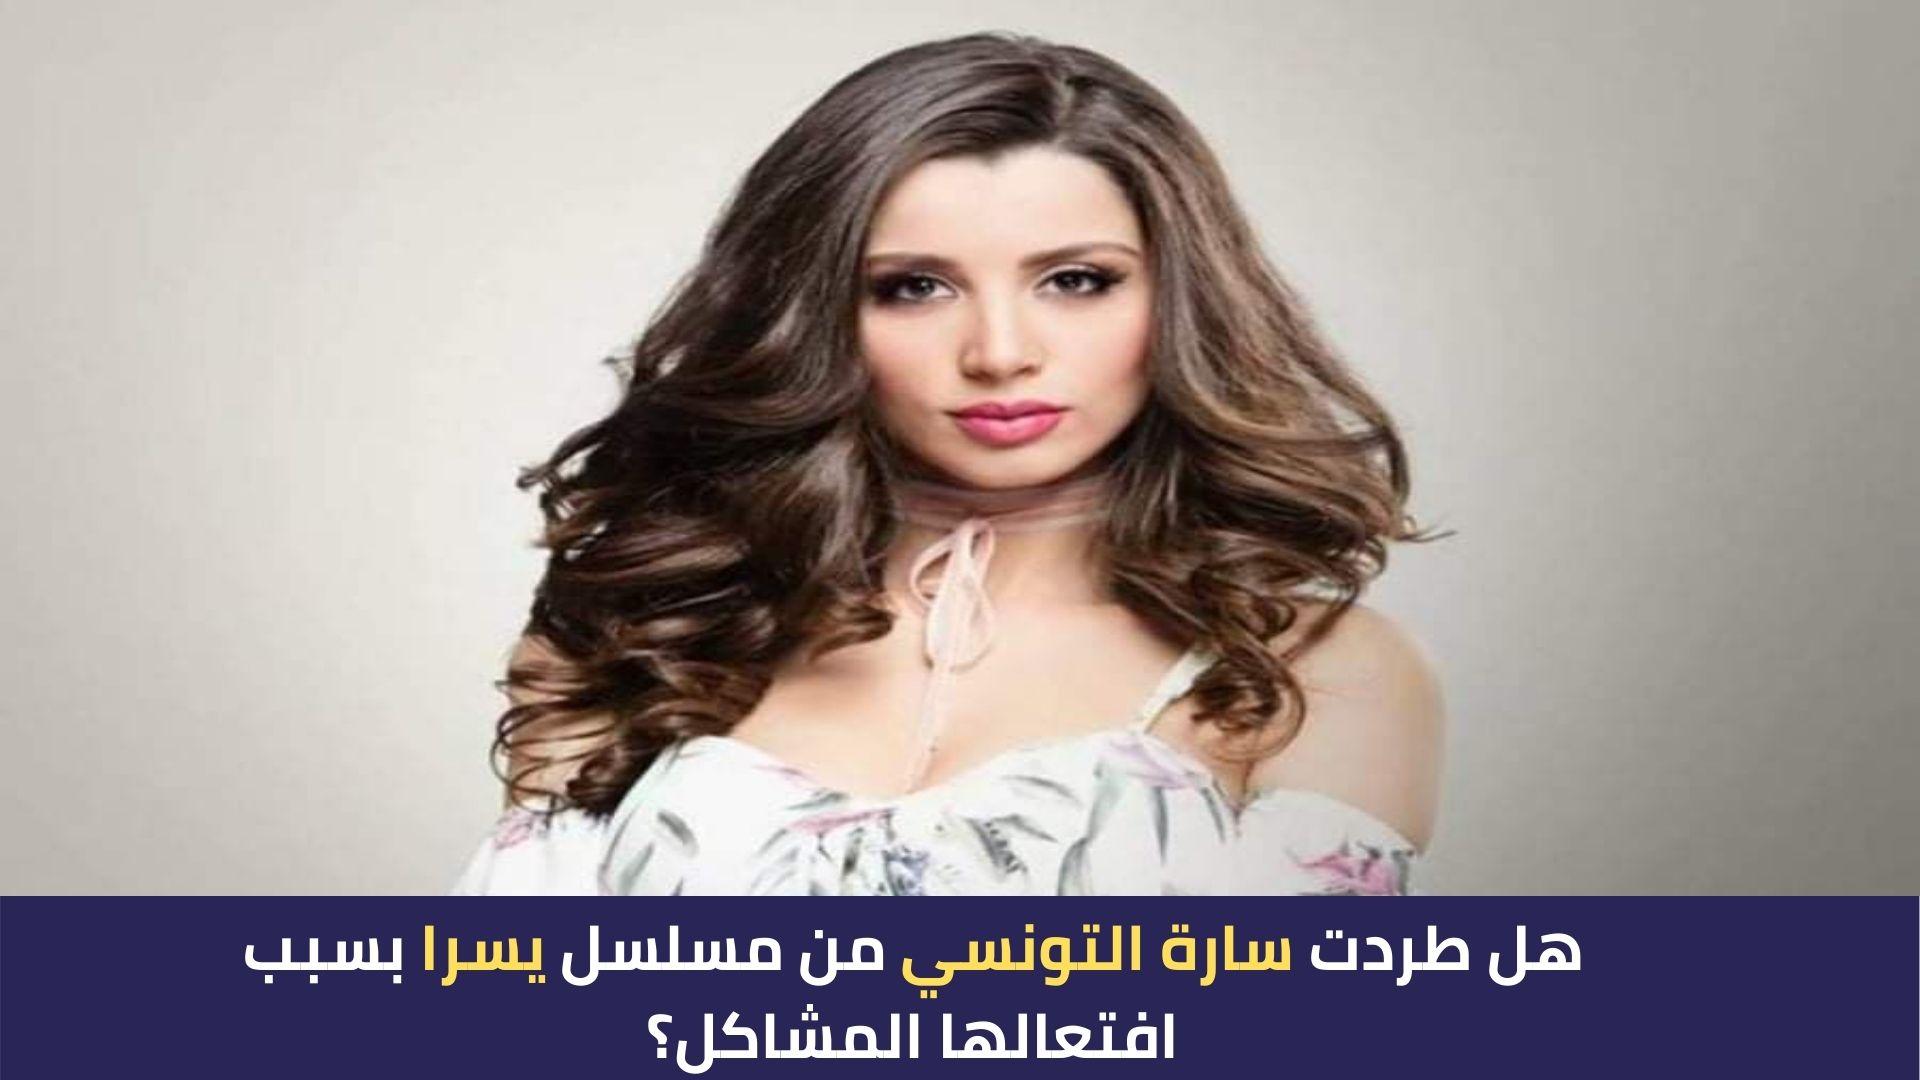 هل طردت سارة التونسي من مسلسل يسرا بسبب افتعالها المشاكل؟